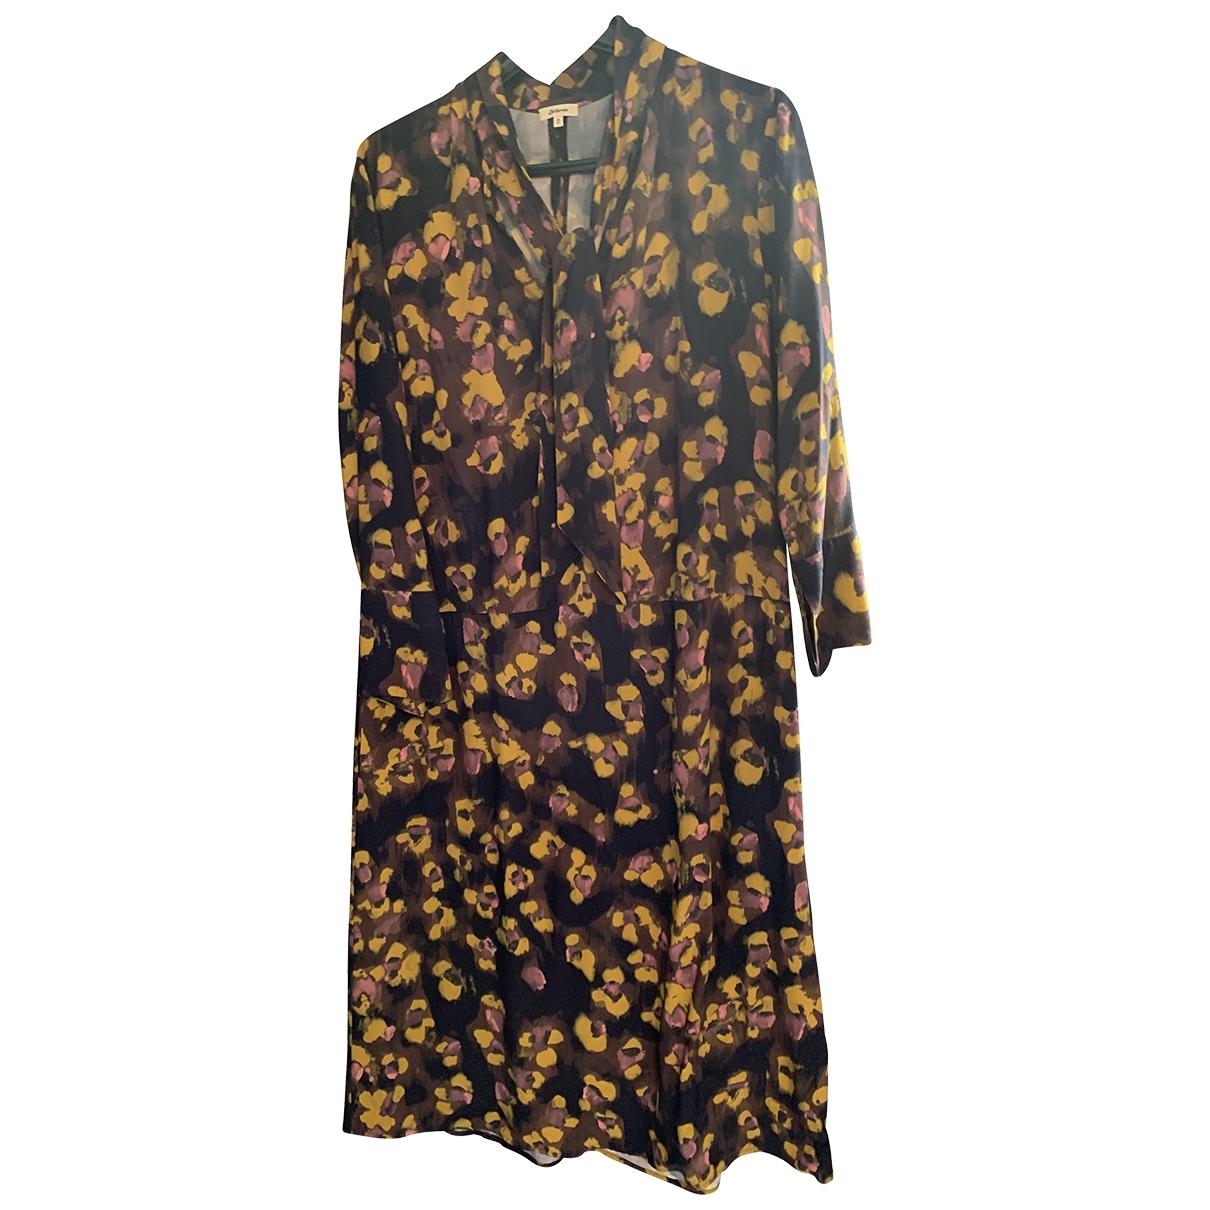 Bellerose \N Kleid in  Bunt Viskose